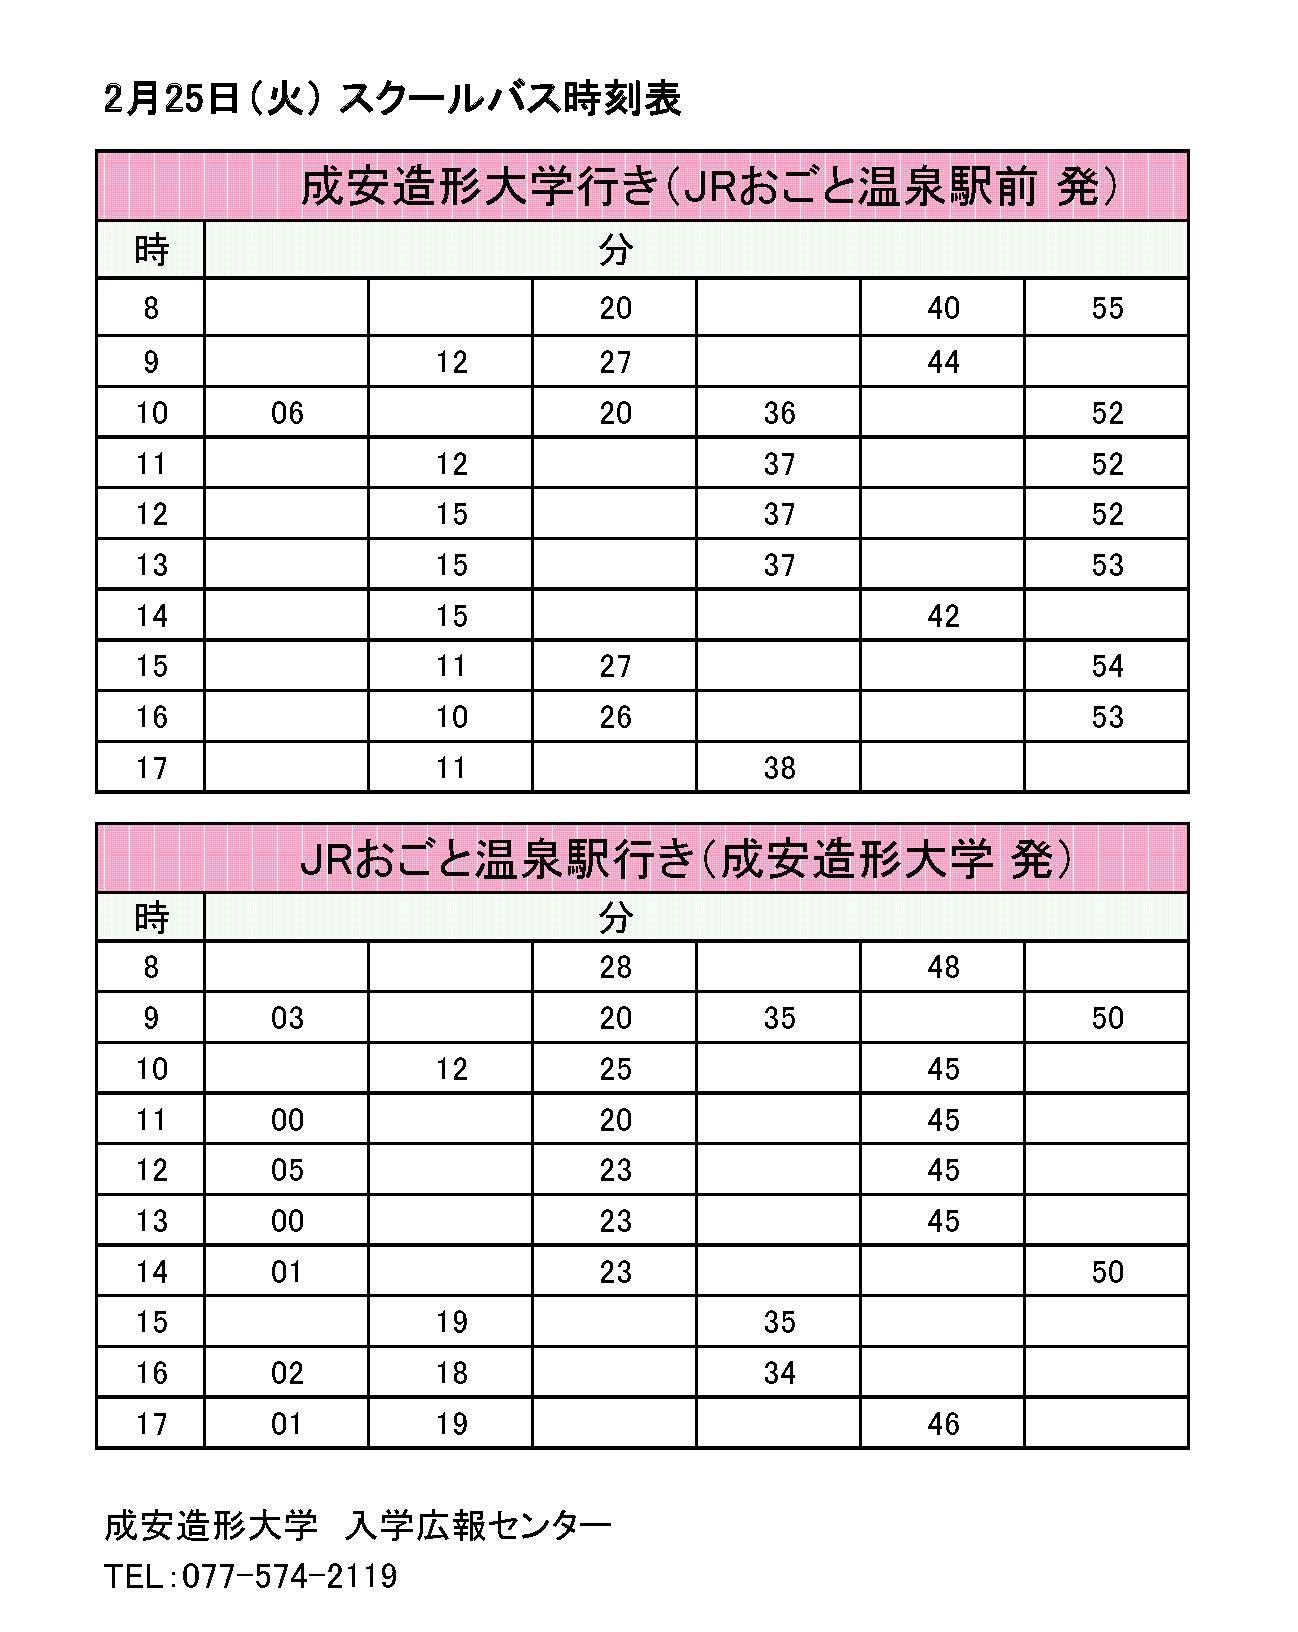 2020_0225バス時刻表